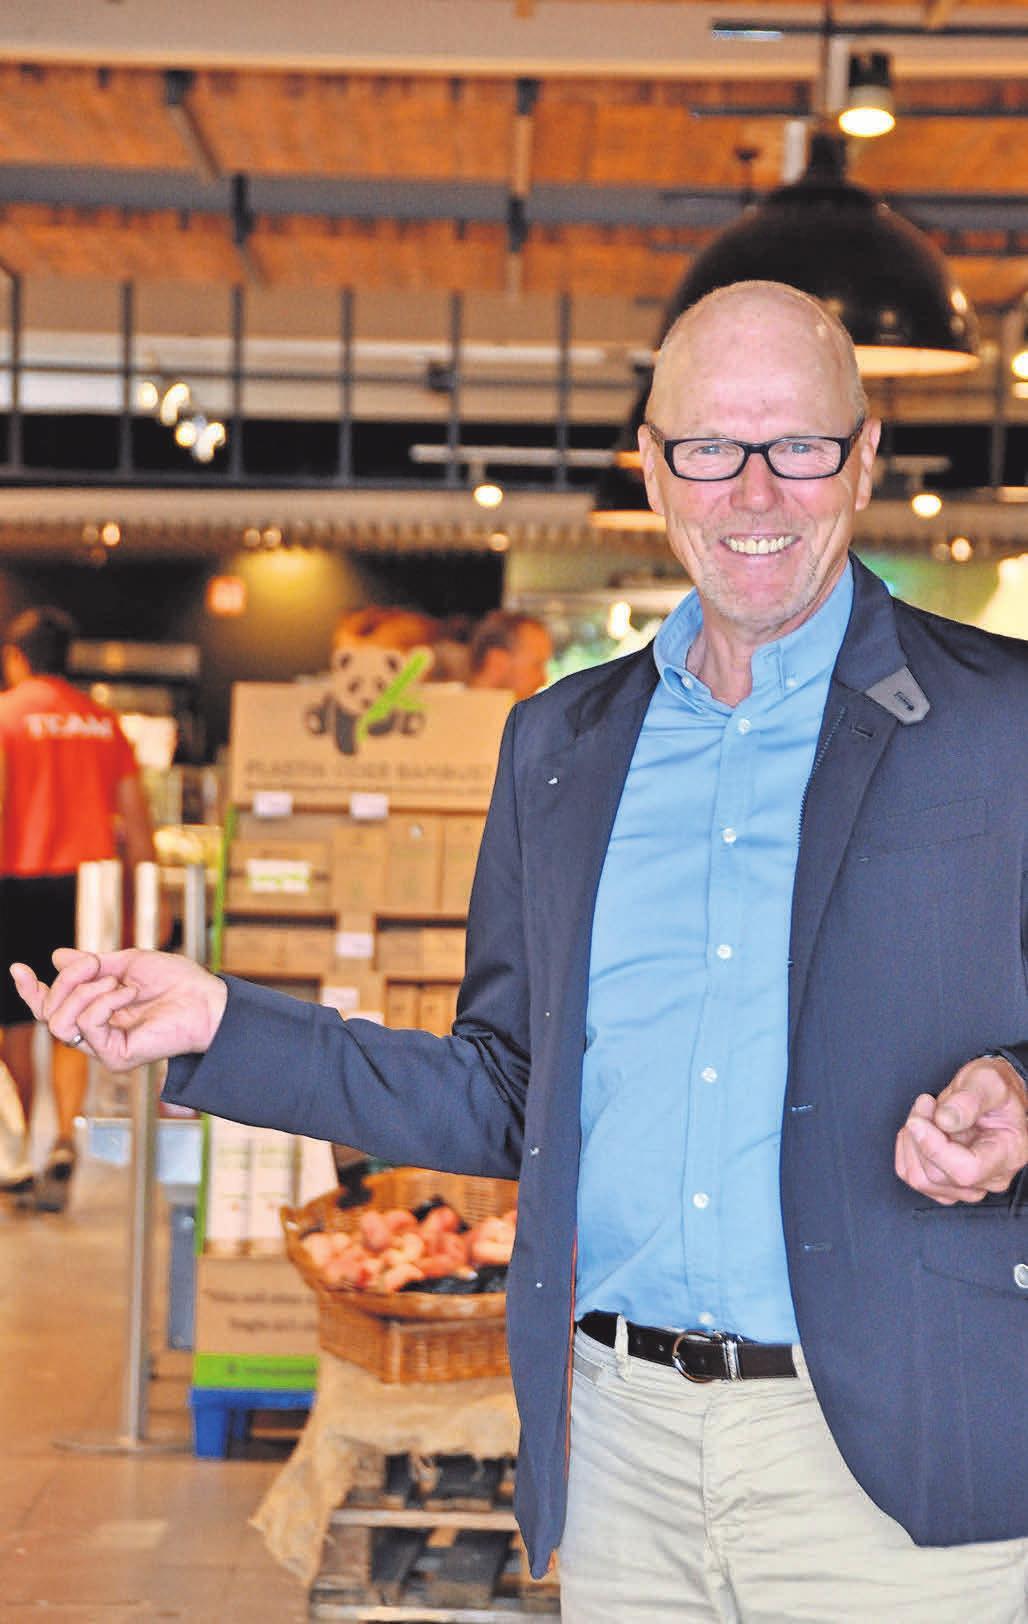 Ab Oktober übernimmt Stefan Ladage mit seinem Team den EDEKA-Frischemarkt in Ronnenberg.